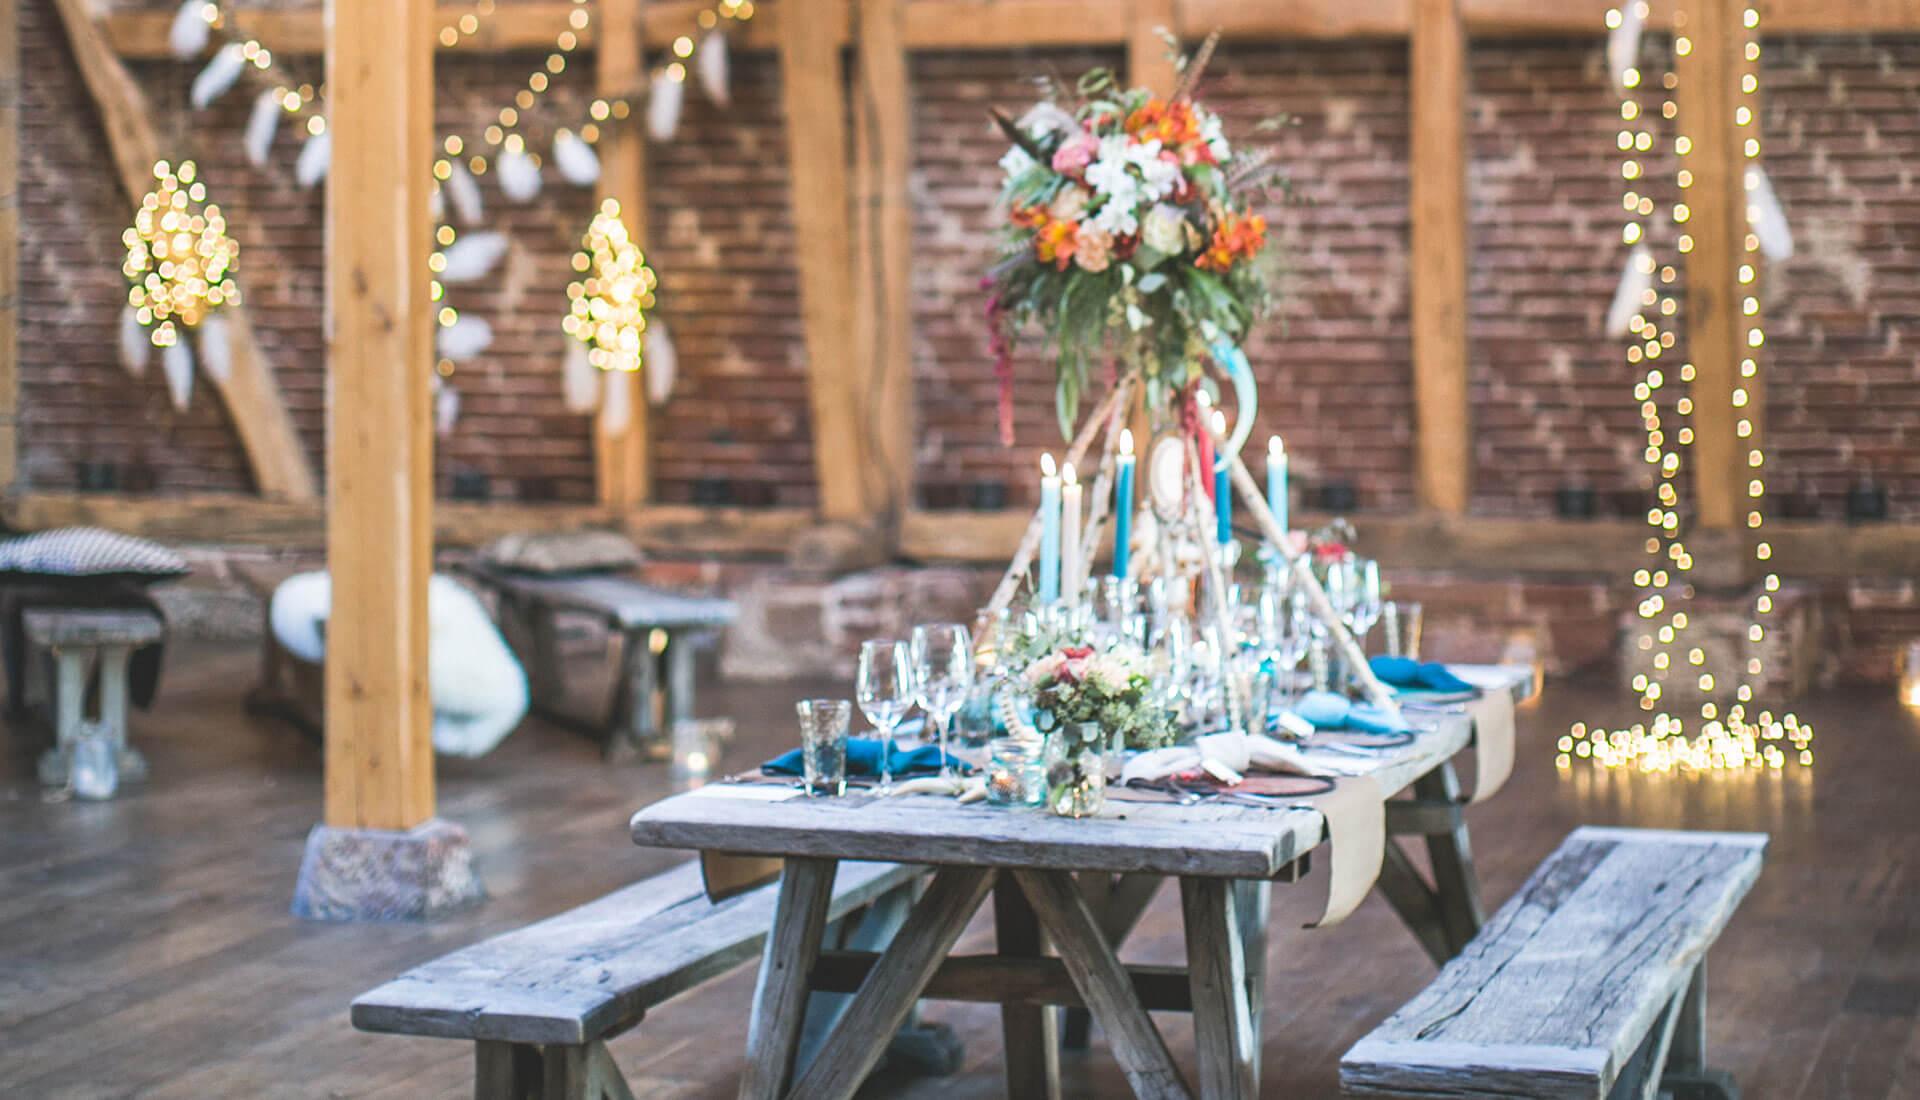 Hochzeit in der Eventscheune, Credit: Hannah L - Lebendige Fotografie